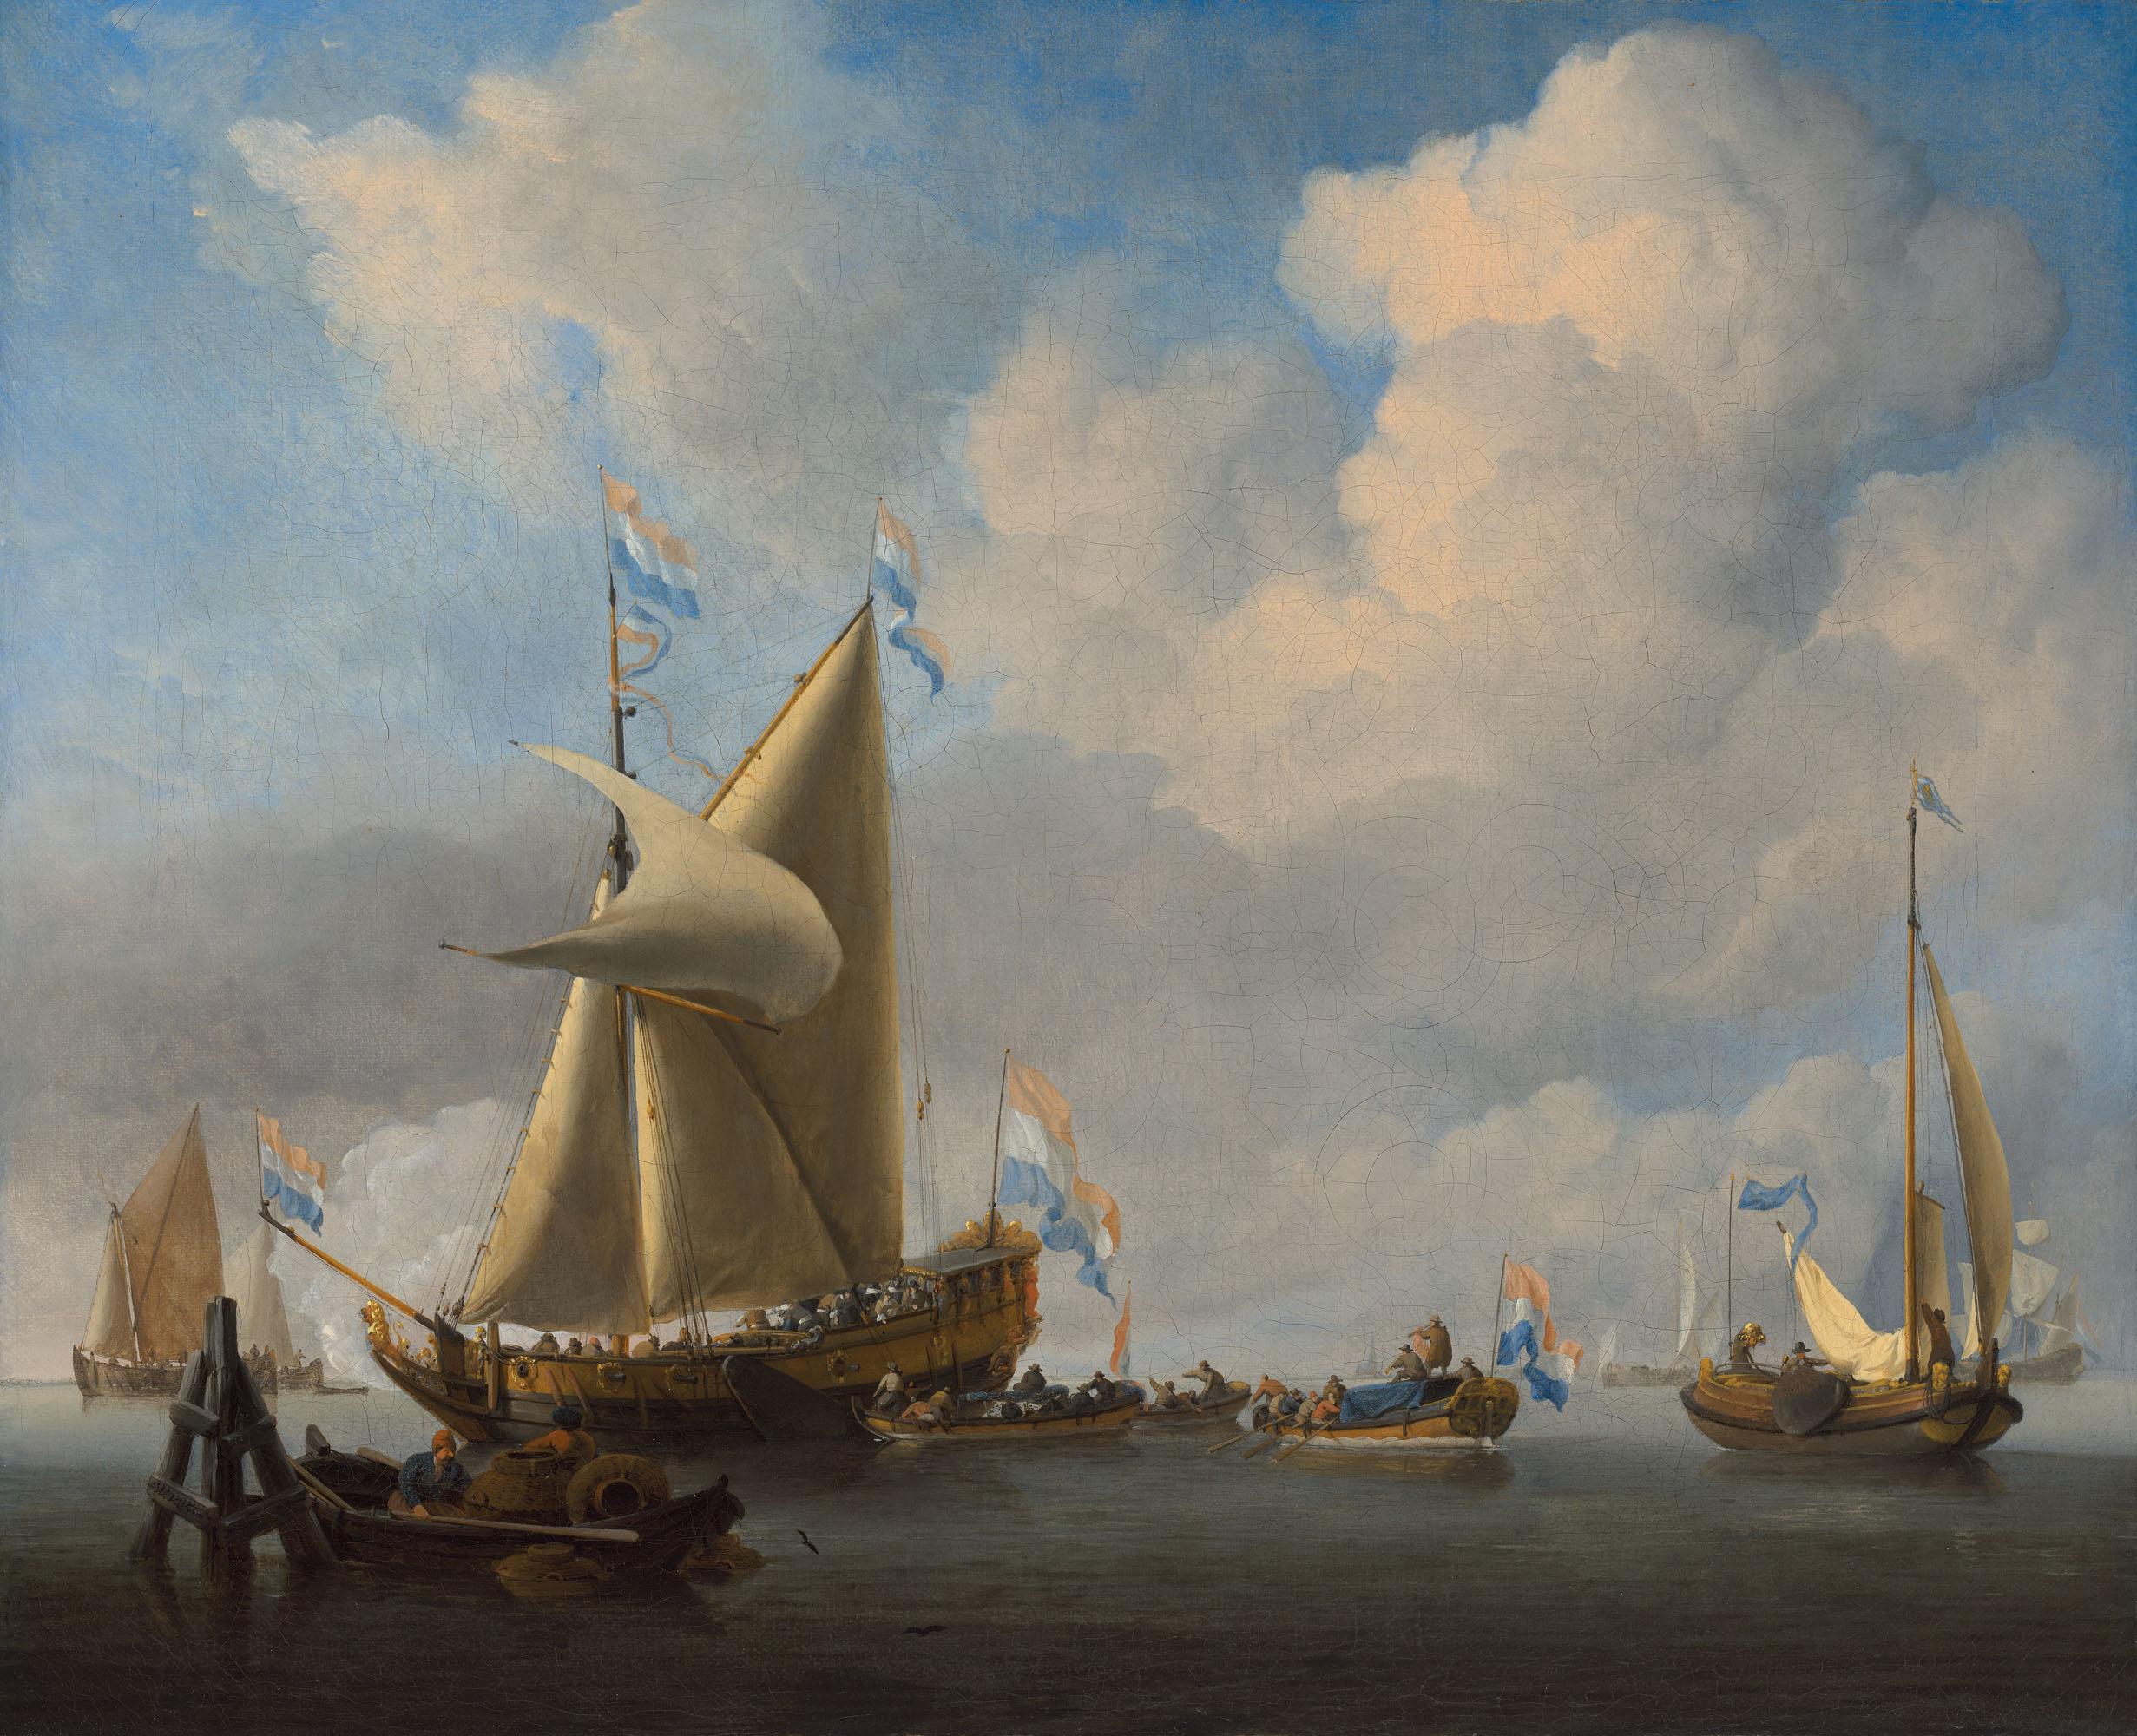 WILLEM VAN DE VELDE, THE YOUNGER (LEIDEN 1633-1707 LONDON)